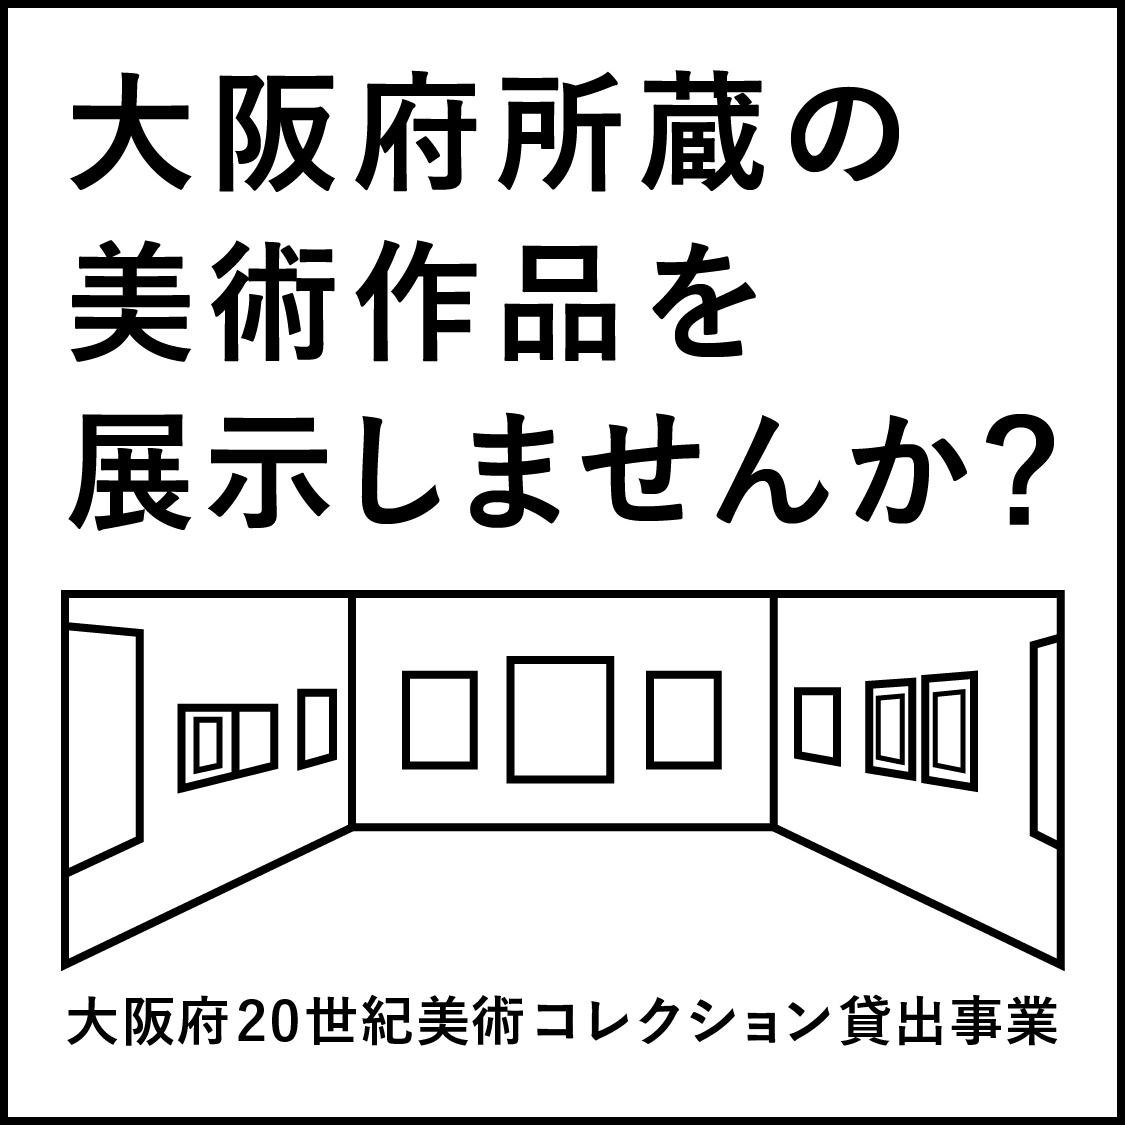 大阪府20世紀美術コレクション 貸出